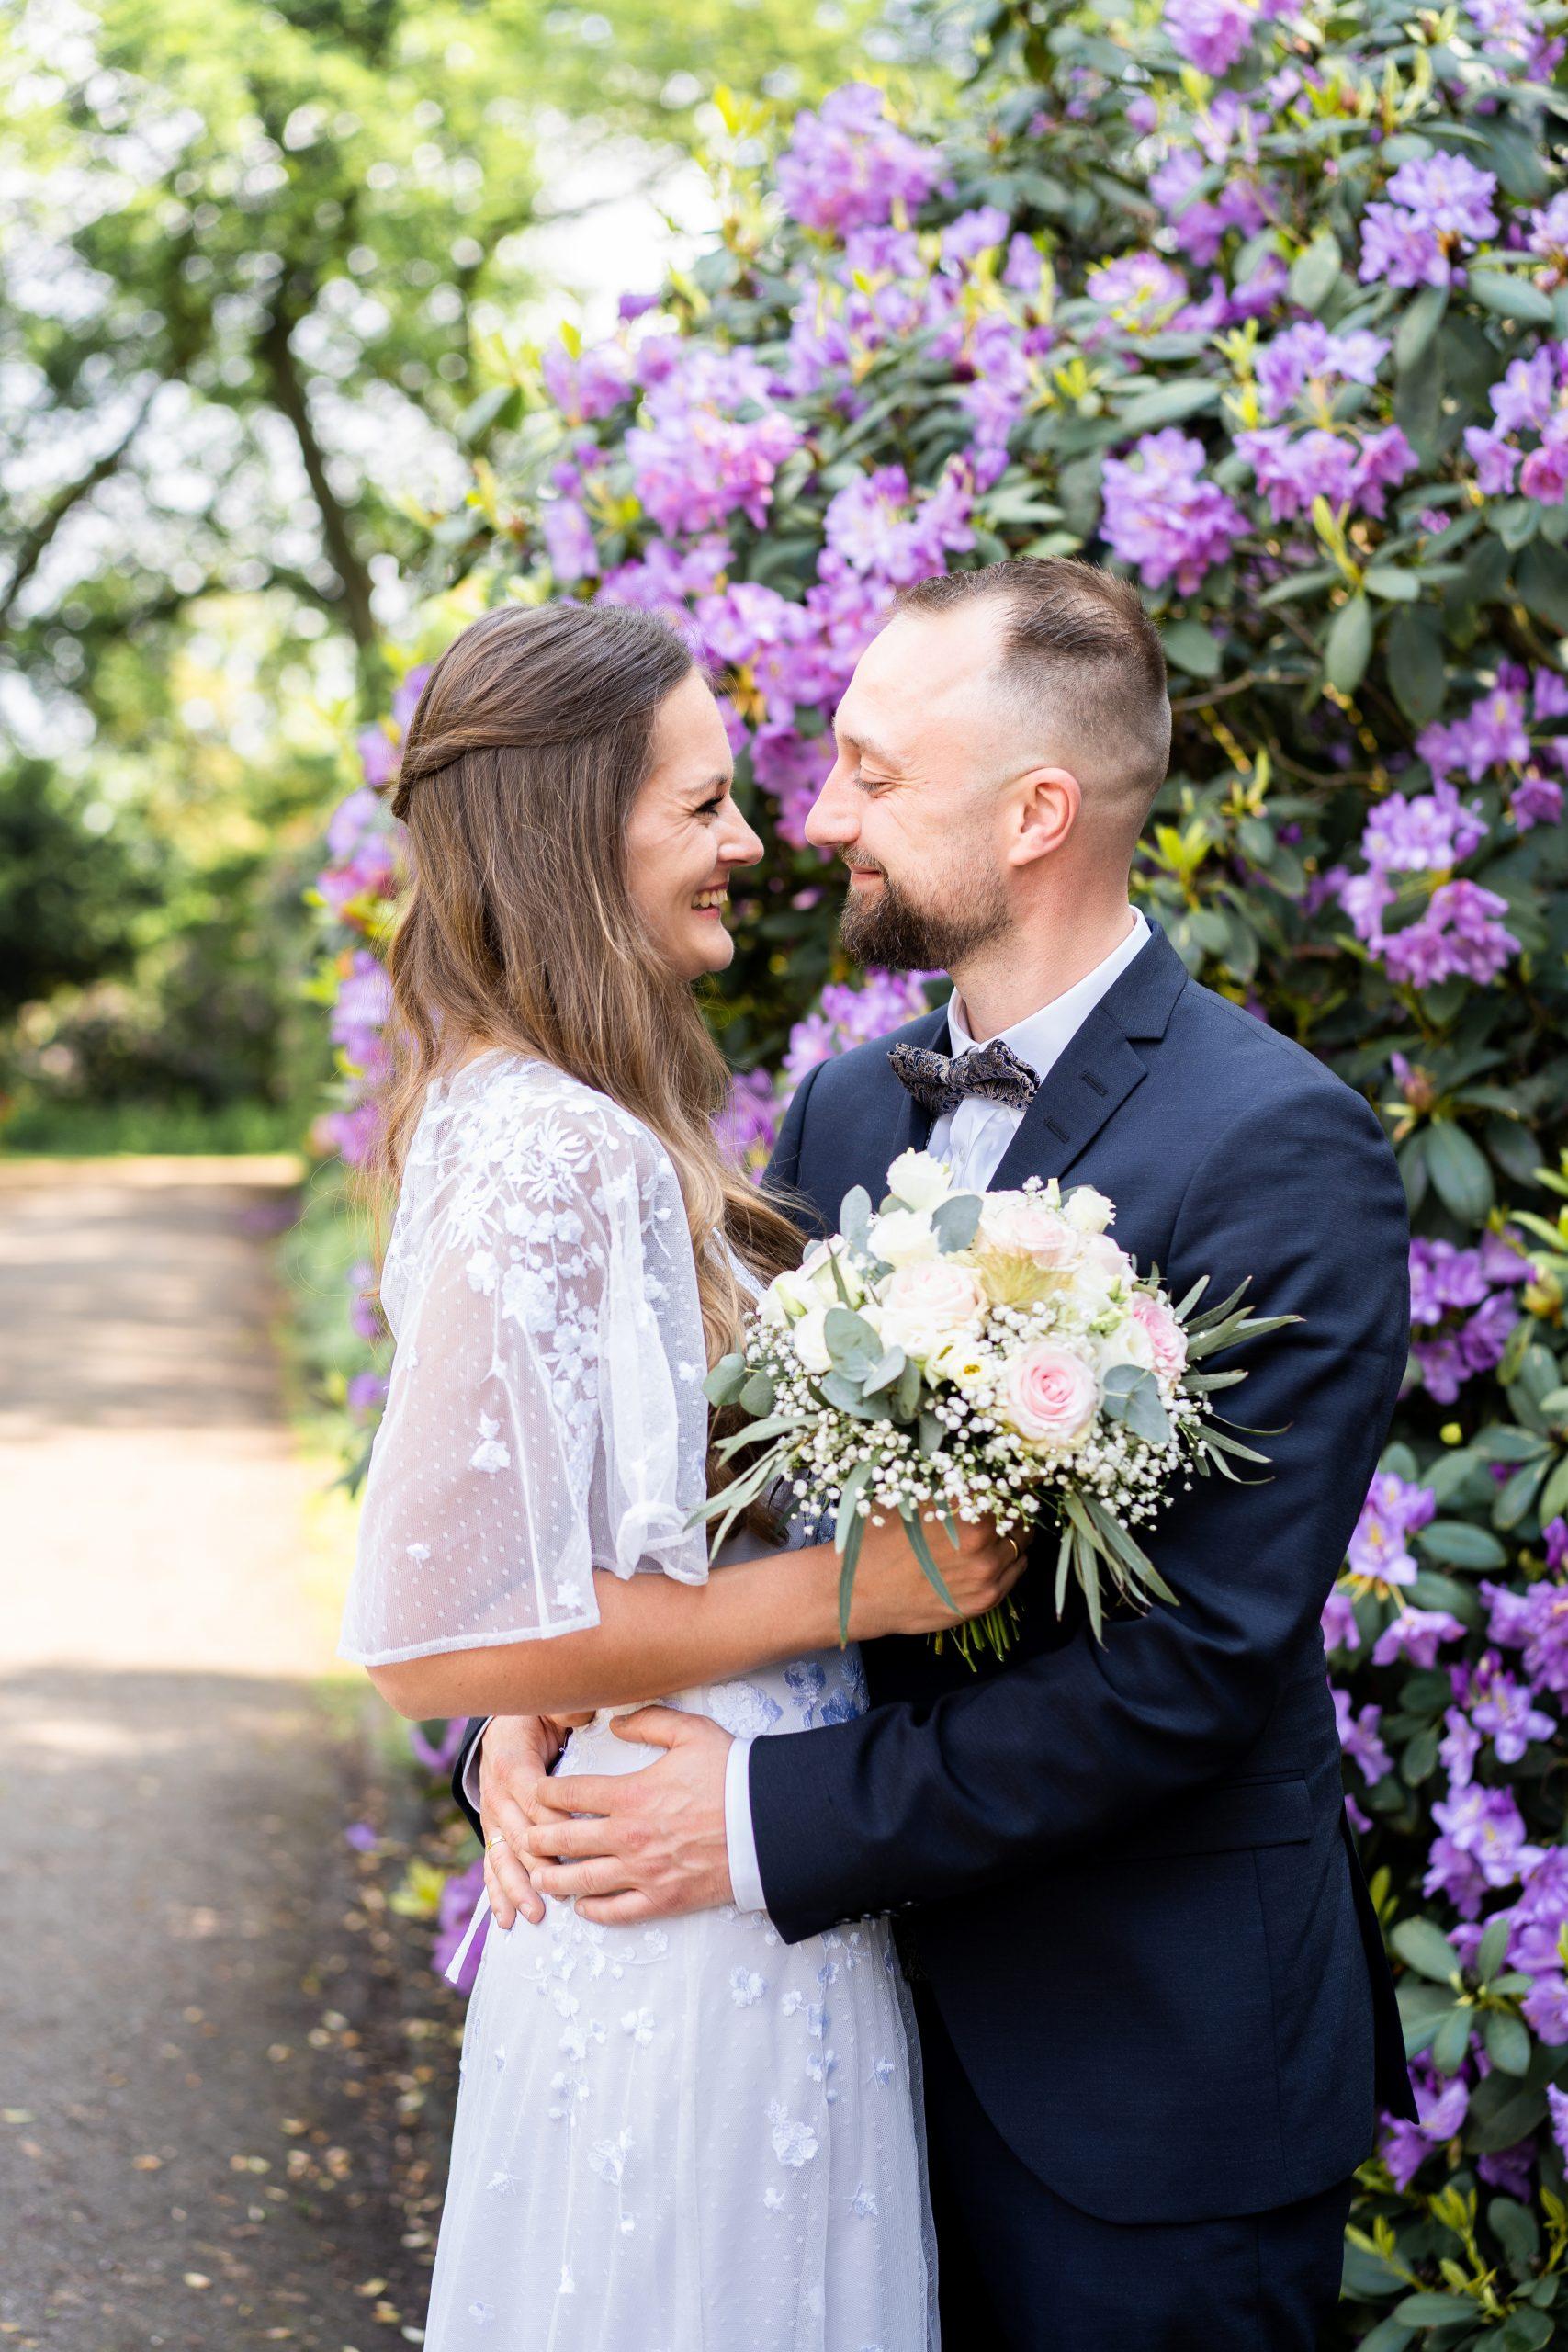 Liebe Hochzeitsfotografie Fotografie Ehepaar Bremen Hochzeitstag Rhododendron Blumen Location